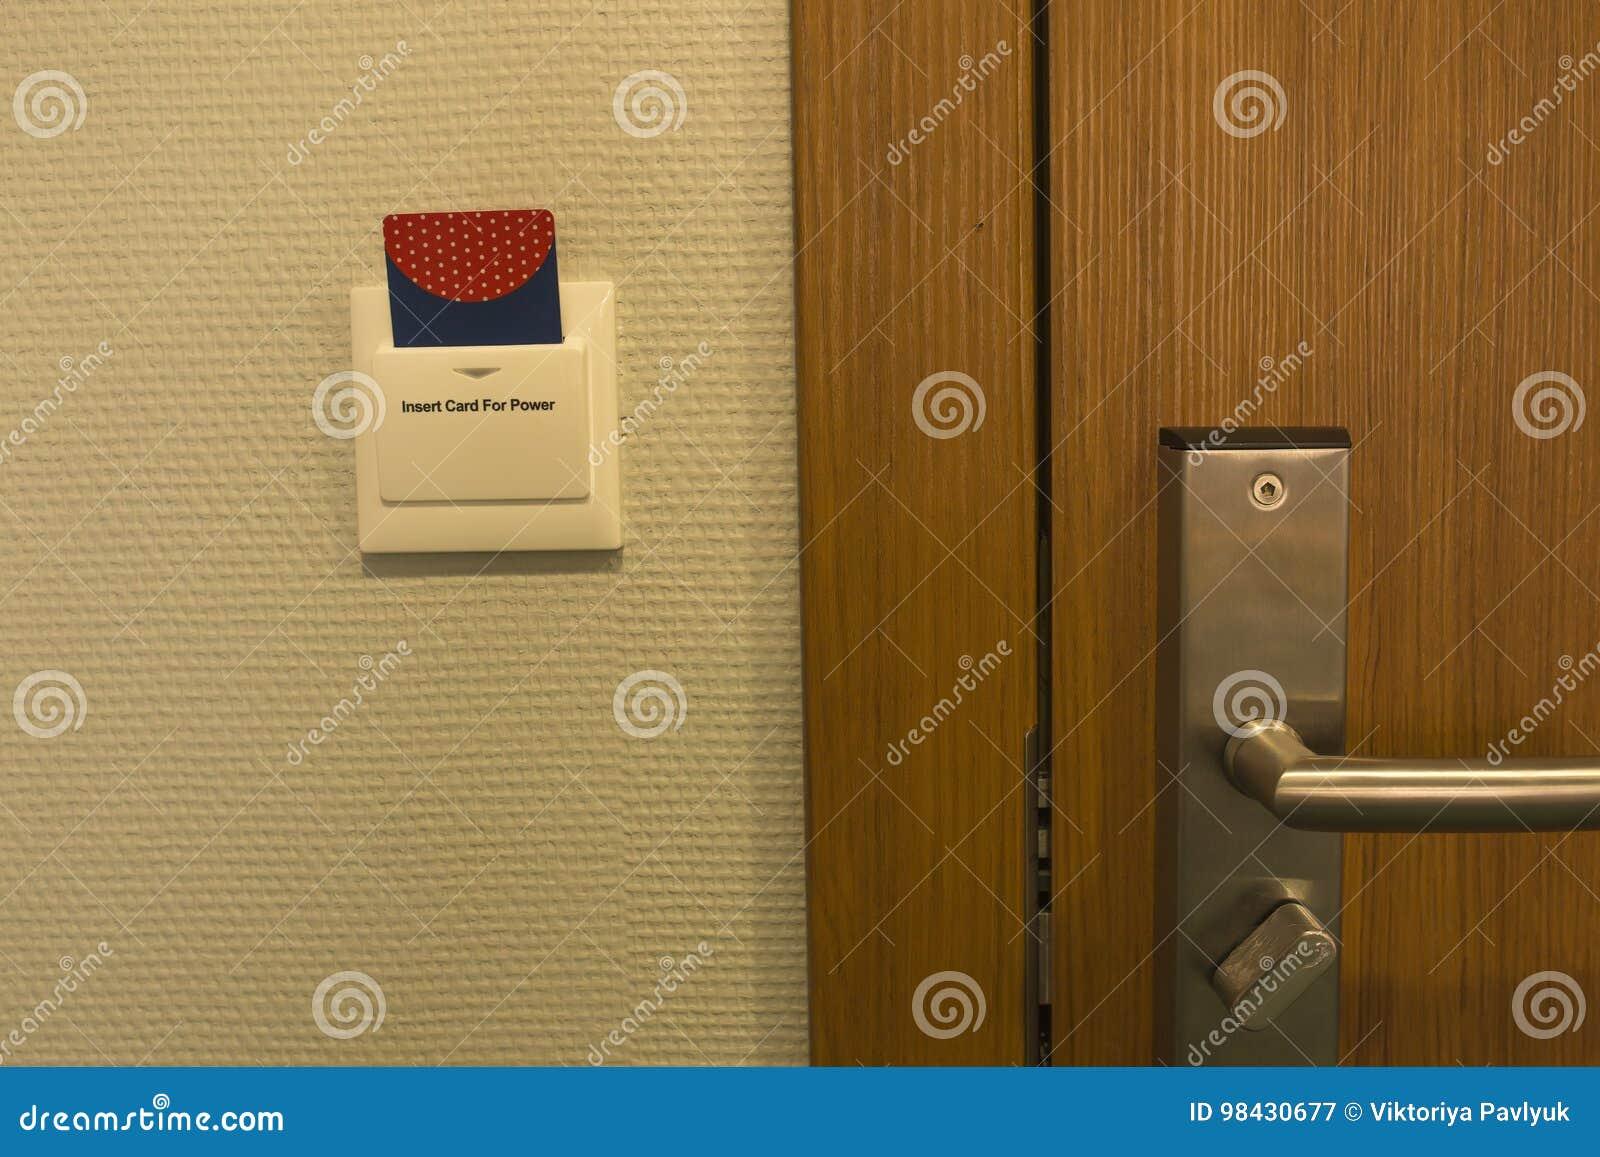 Inserção do cartão chave do hotel ao controle do interruptor de alimentação do bonde em